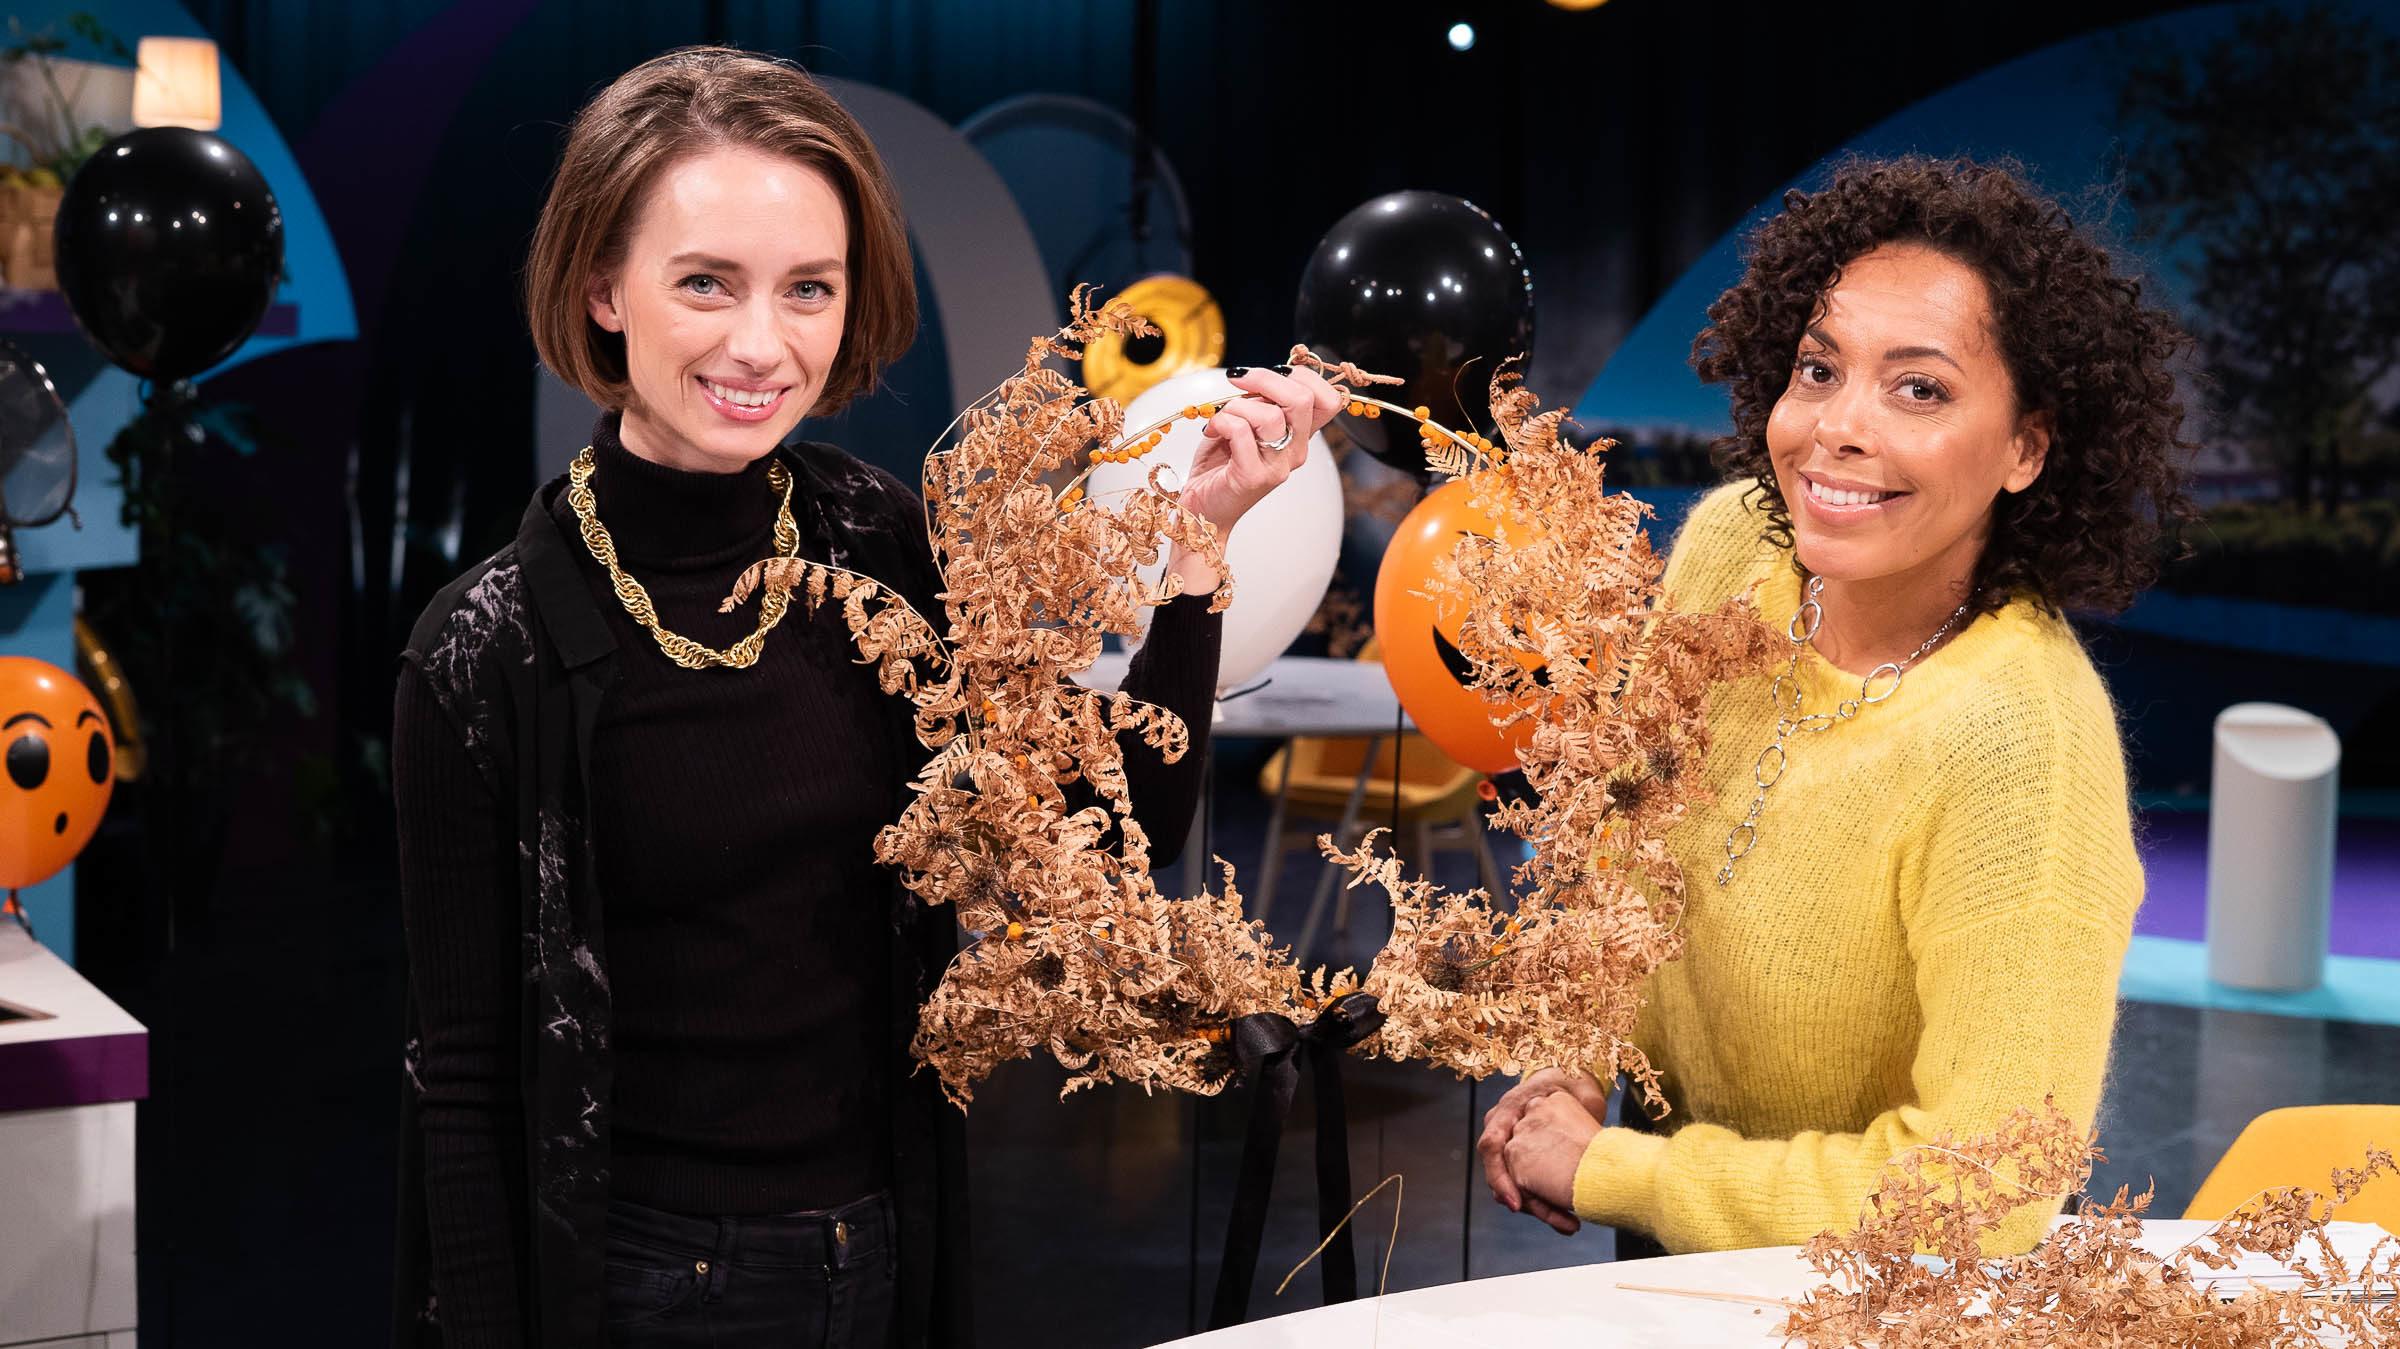 Go'kväll Halloween Anna María Larsson & Pia Herrera